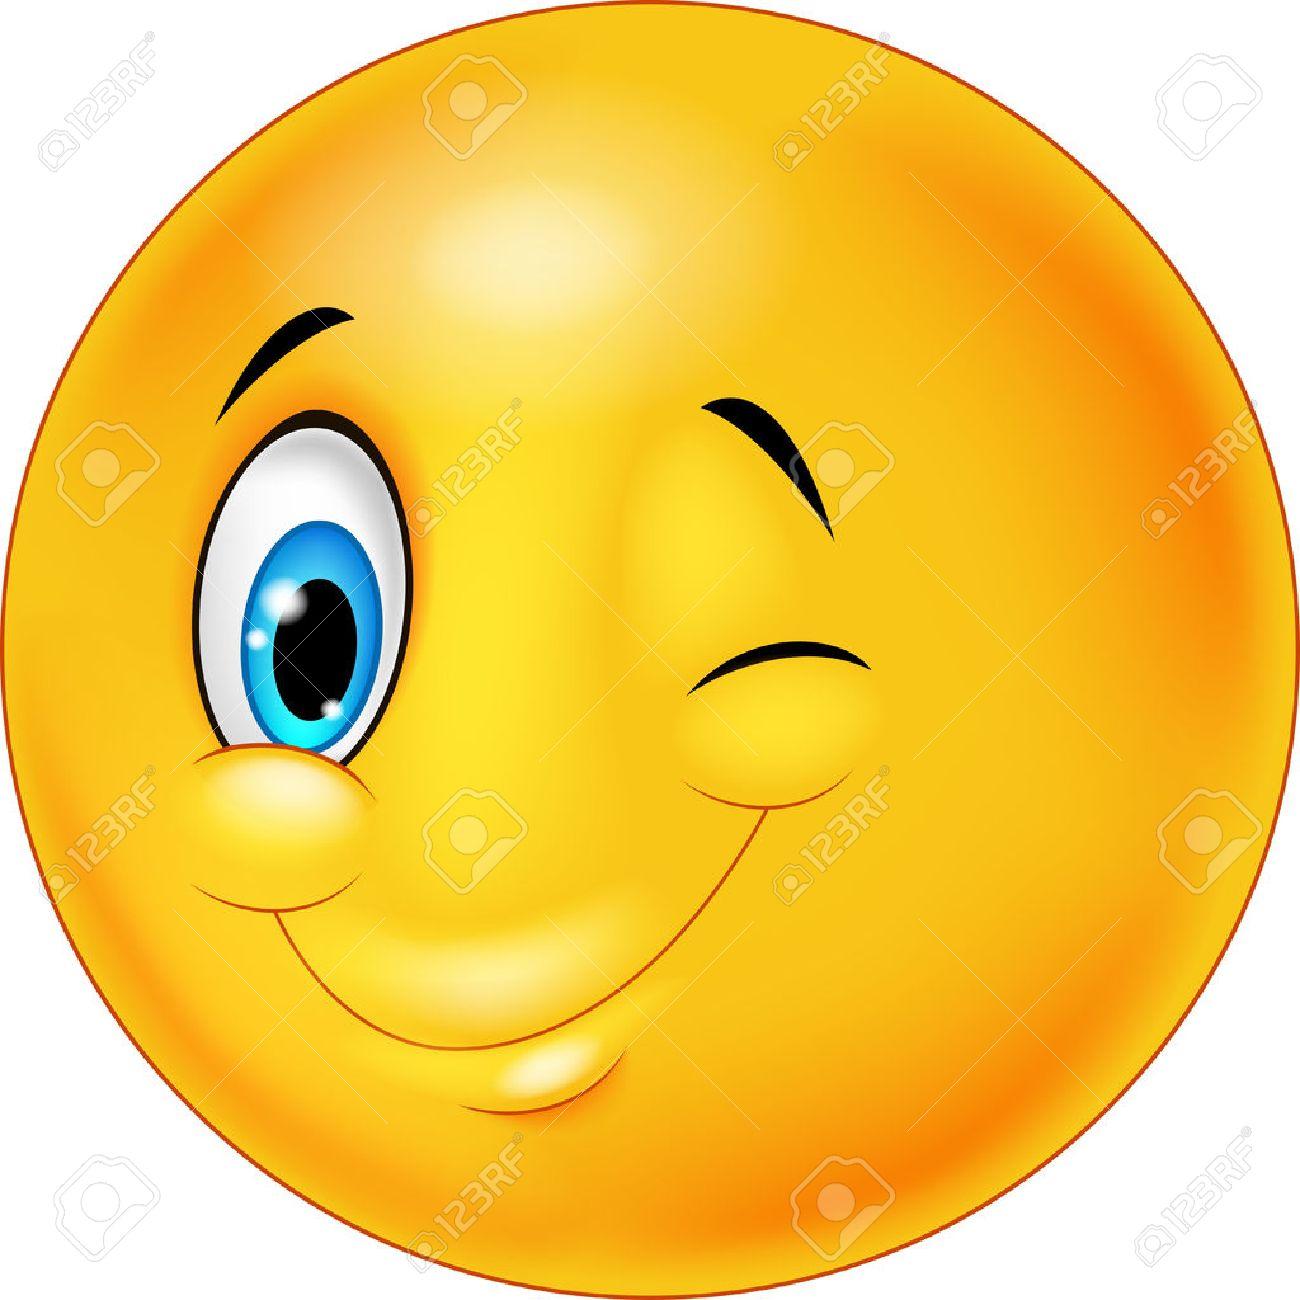 clin d oeil Smiley heureux dessin animé émotic´ne avec clignotement des yeux